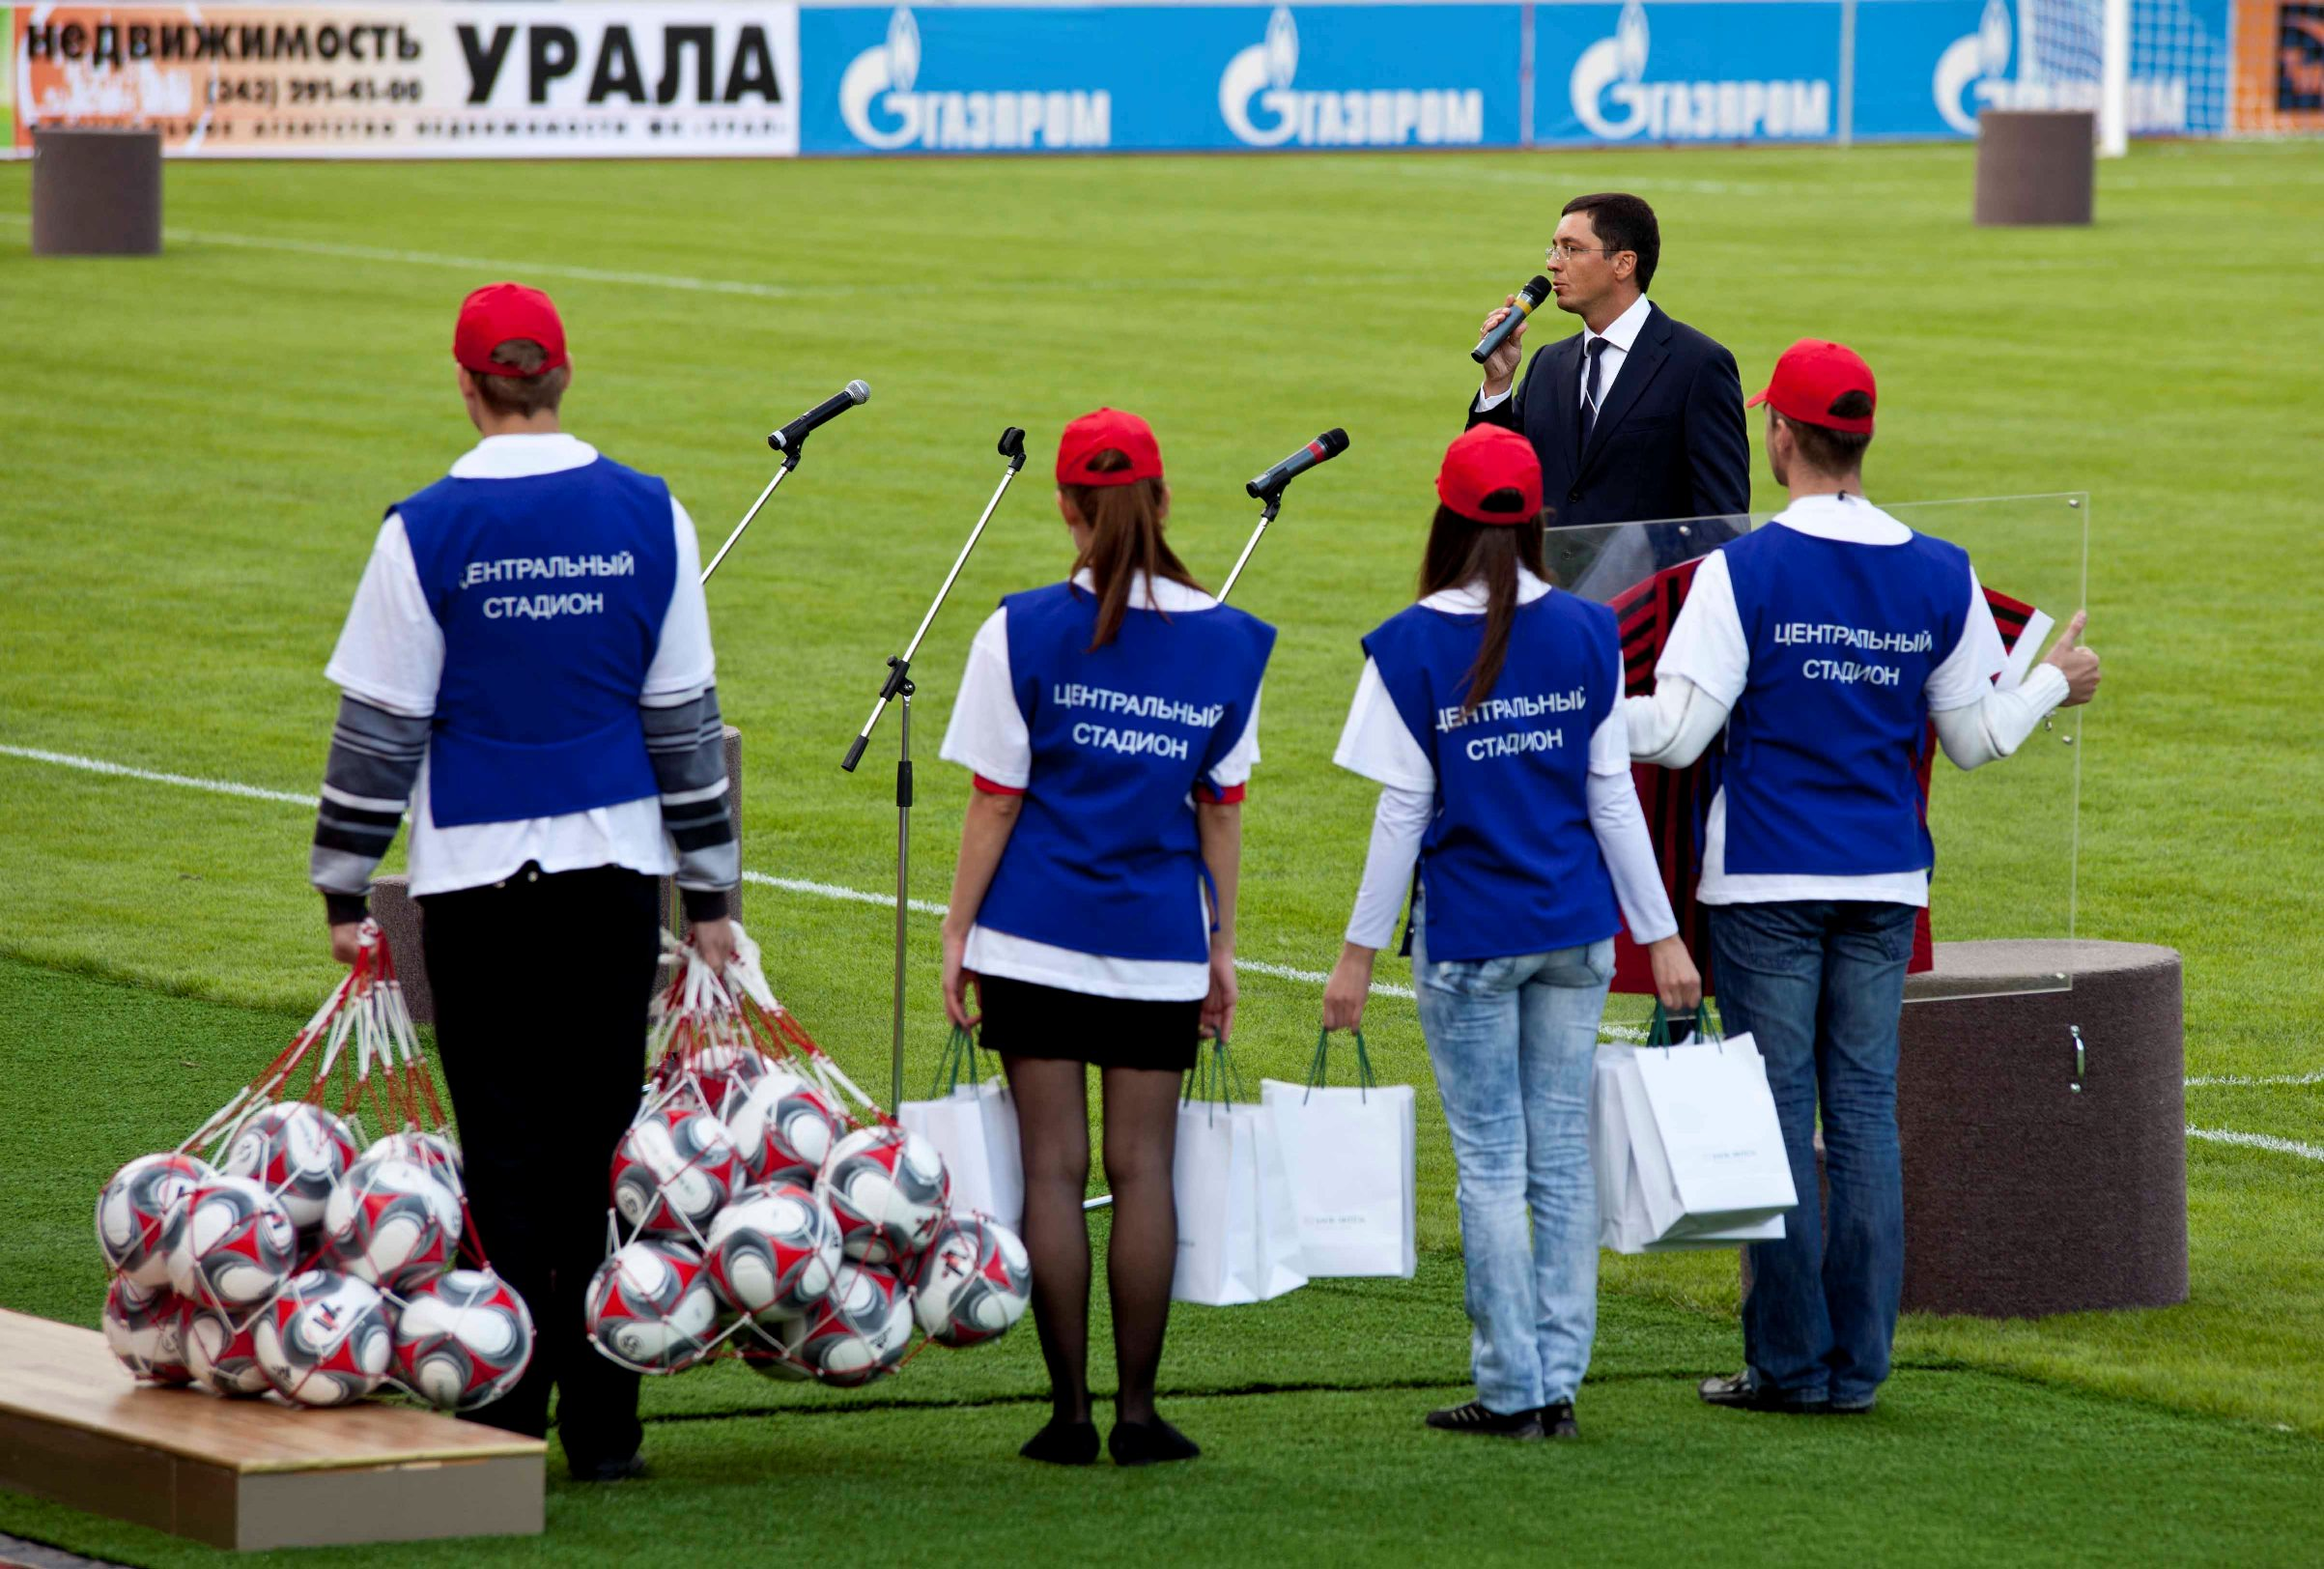 Фоторепортаж 66.ru: открытие стадиона, рекорд России, победа